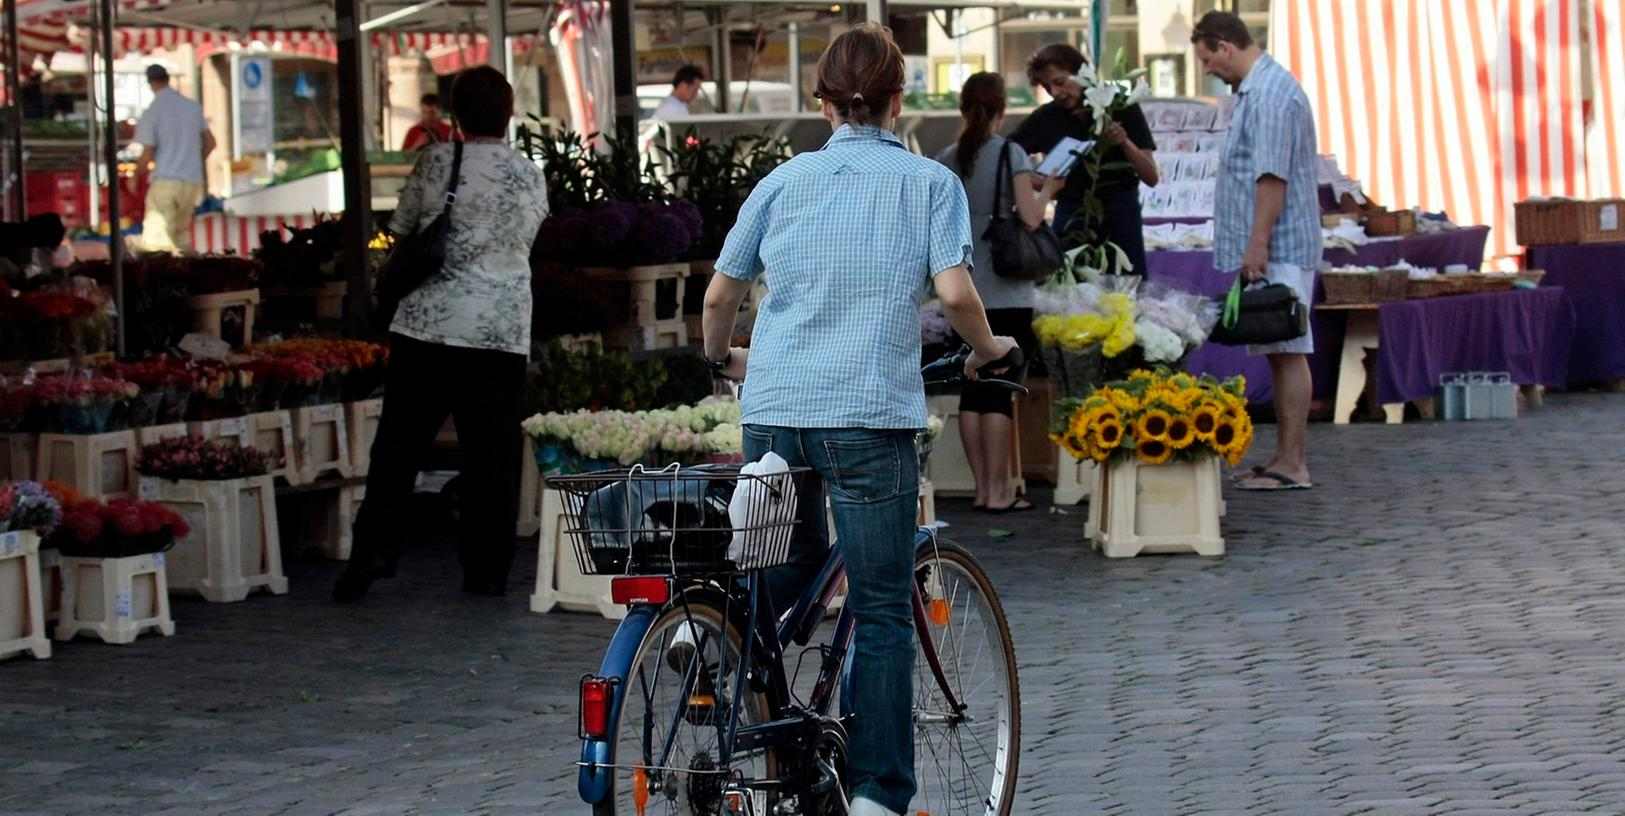 Das Radfahren über den Nürnberger Hauptmarkt ist probeweise für ein Jahr erlaubt.